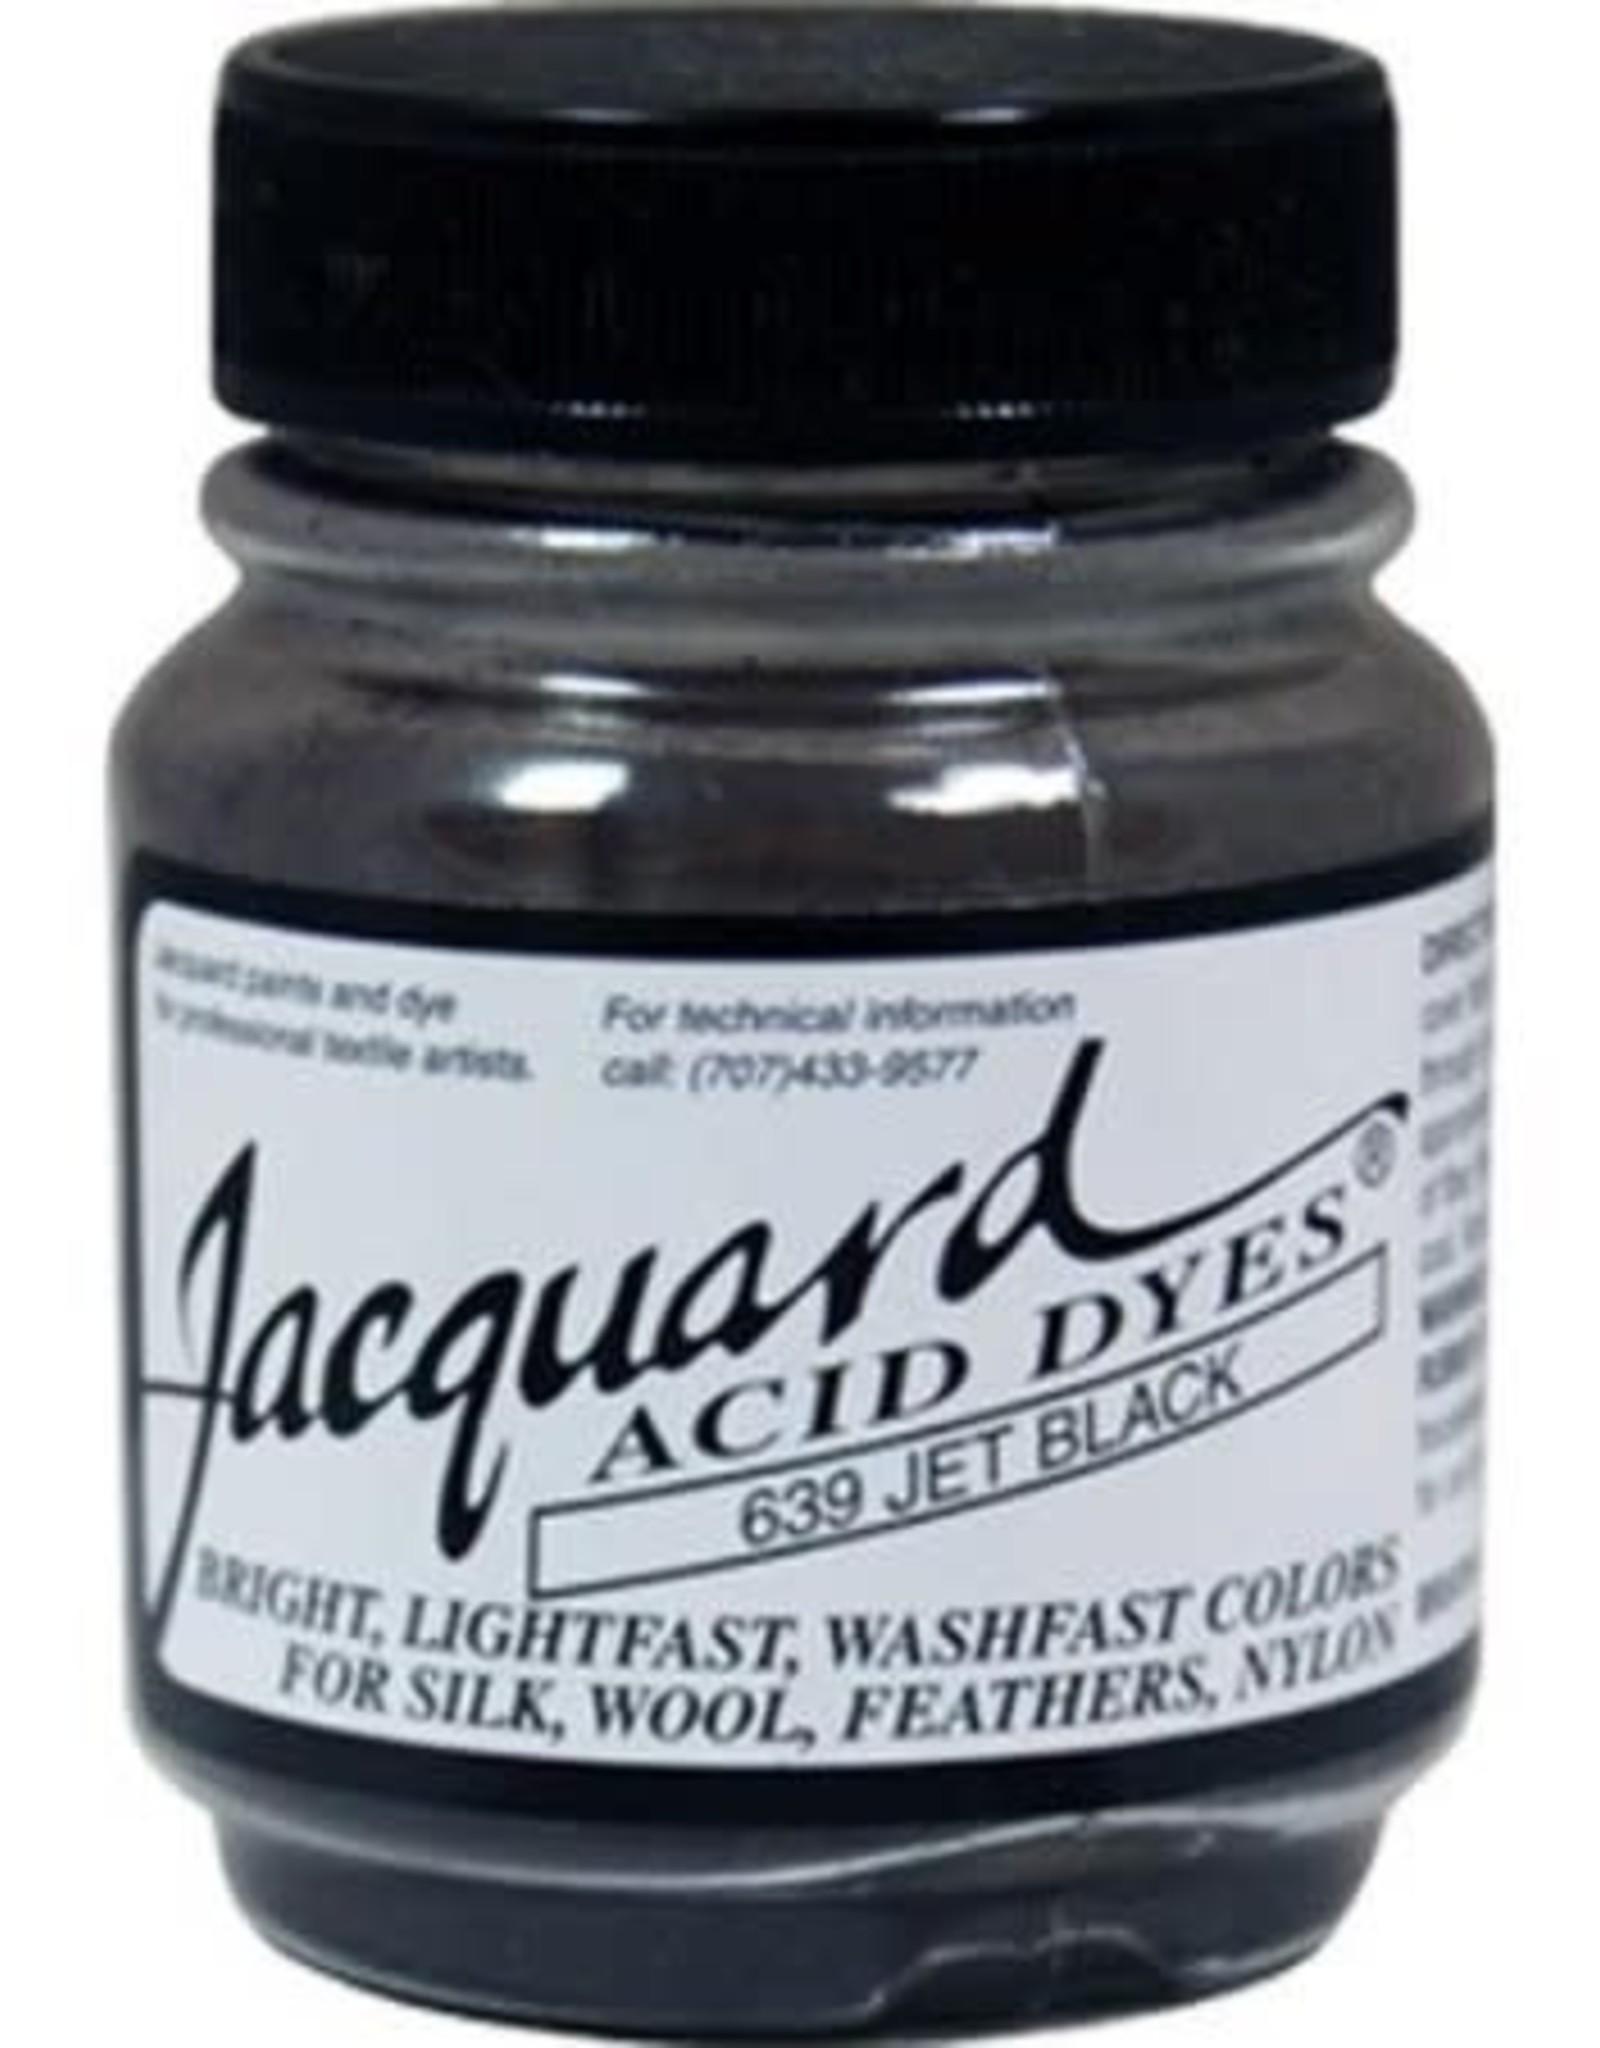 Jacquard Jacquard Acid Dye Jet Black